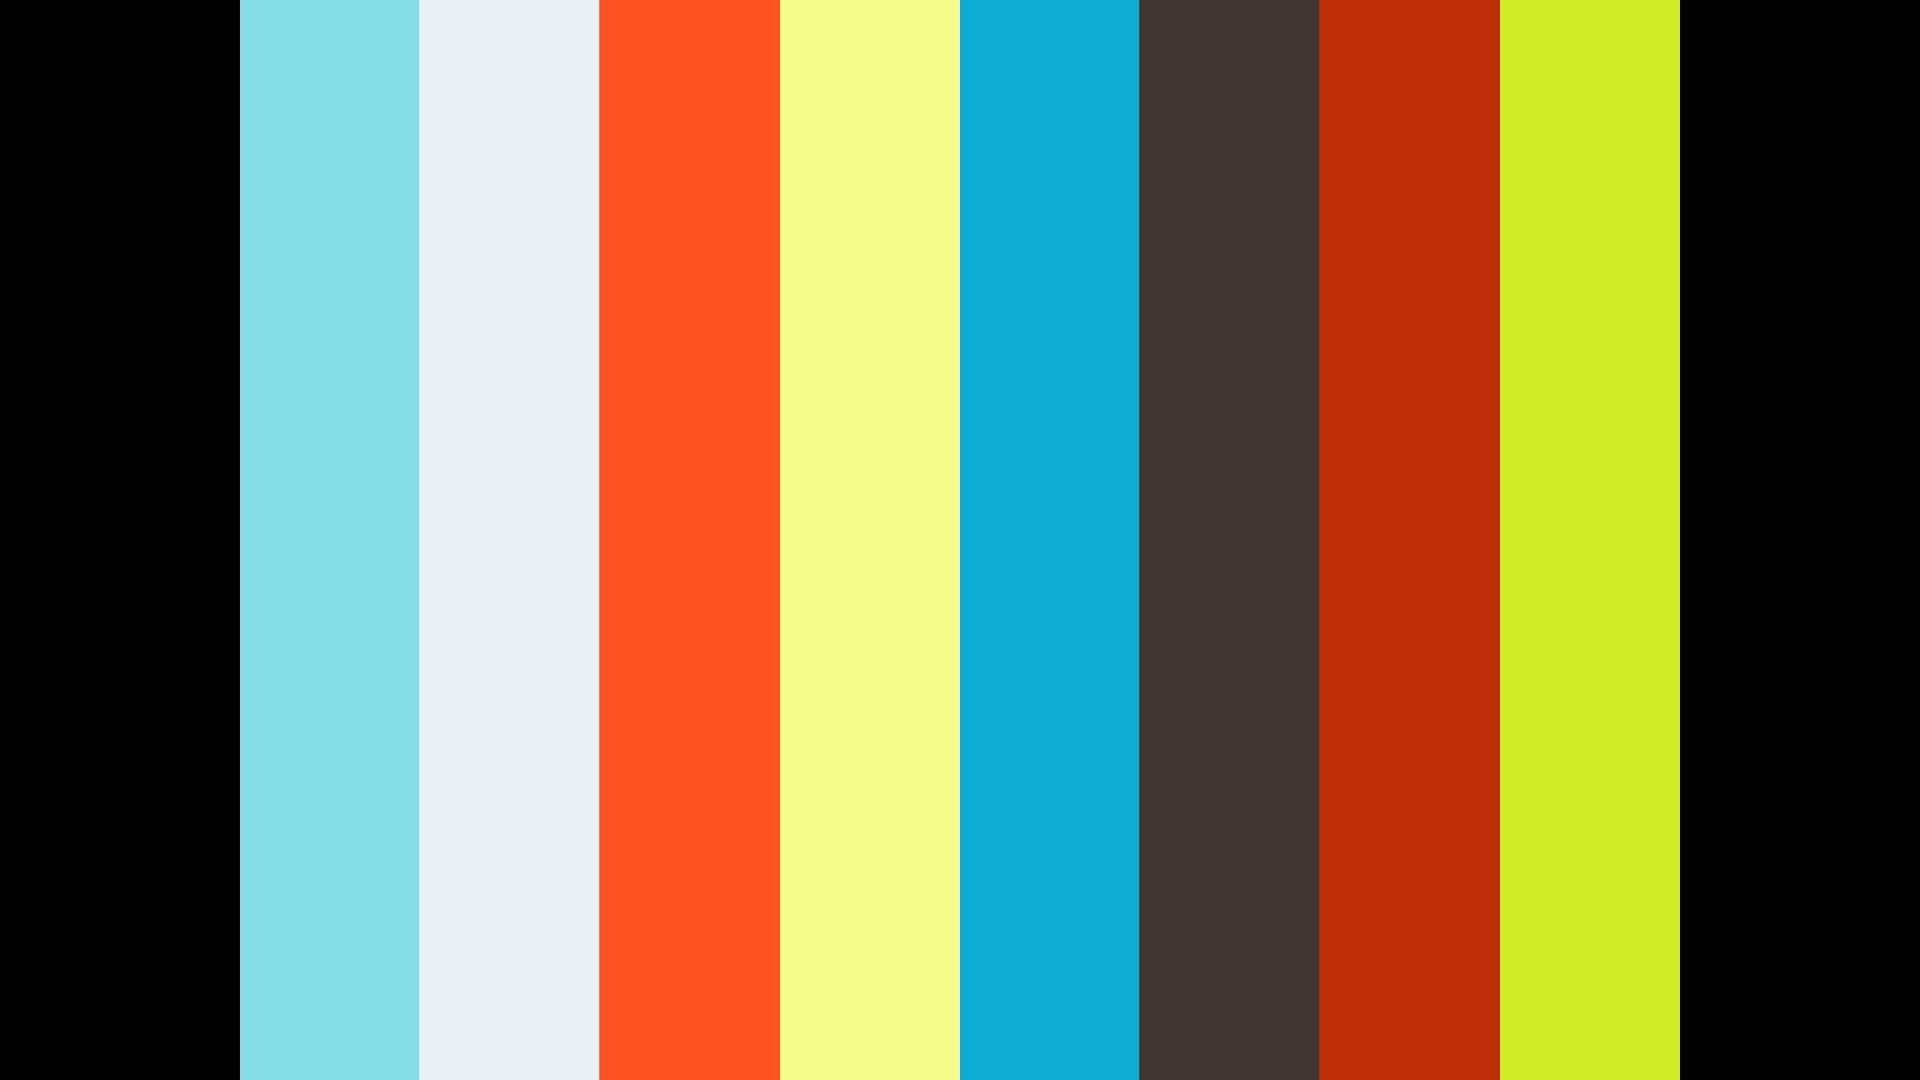 Affinity Publisher for desktop tutorials